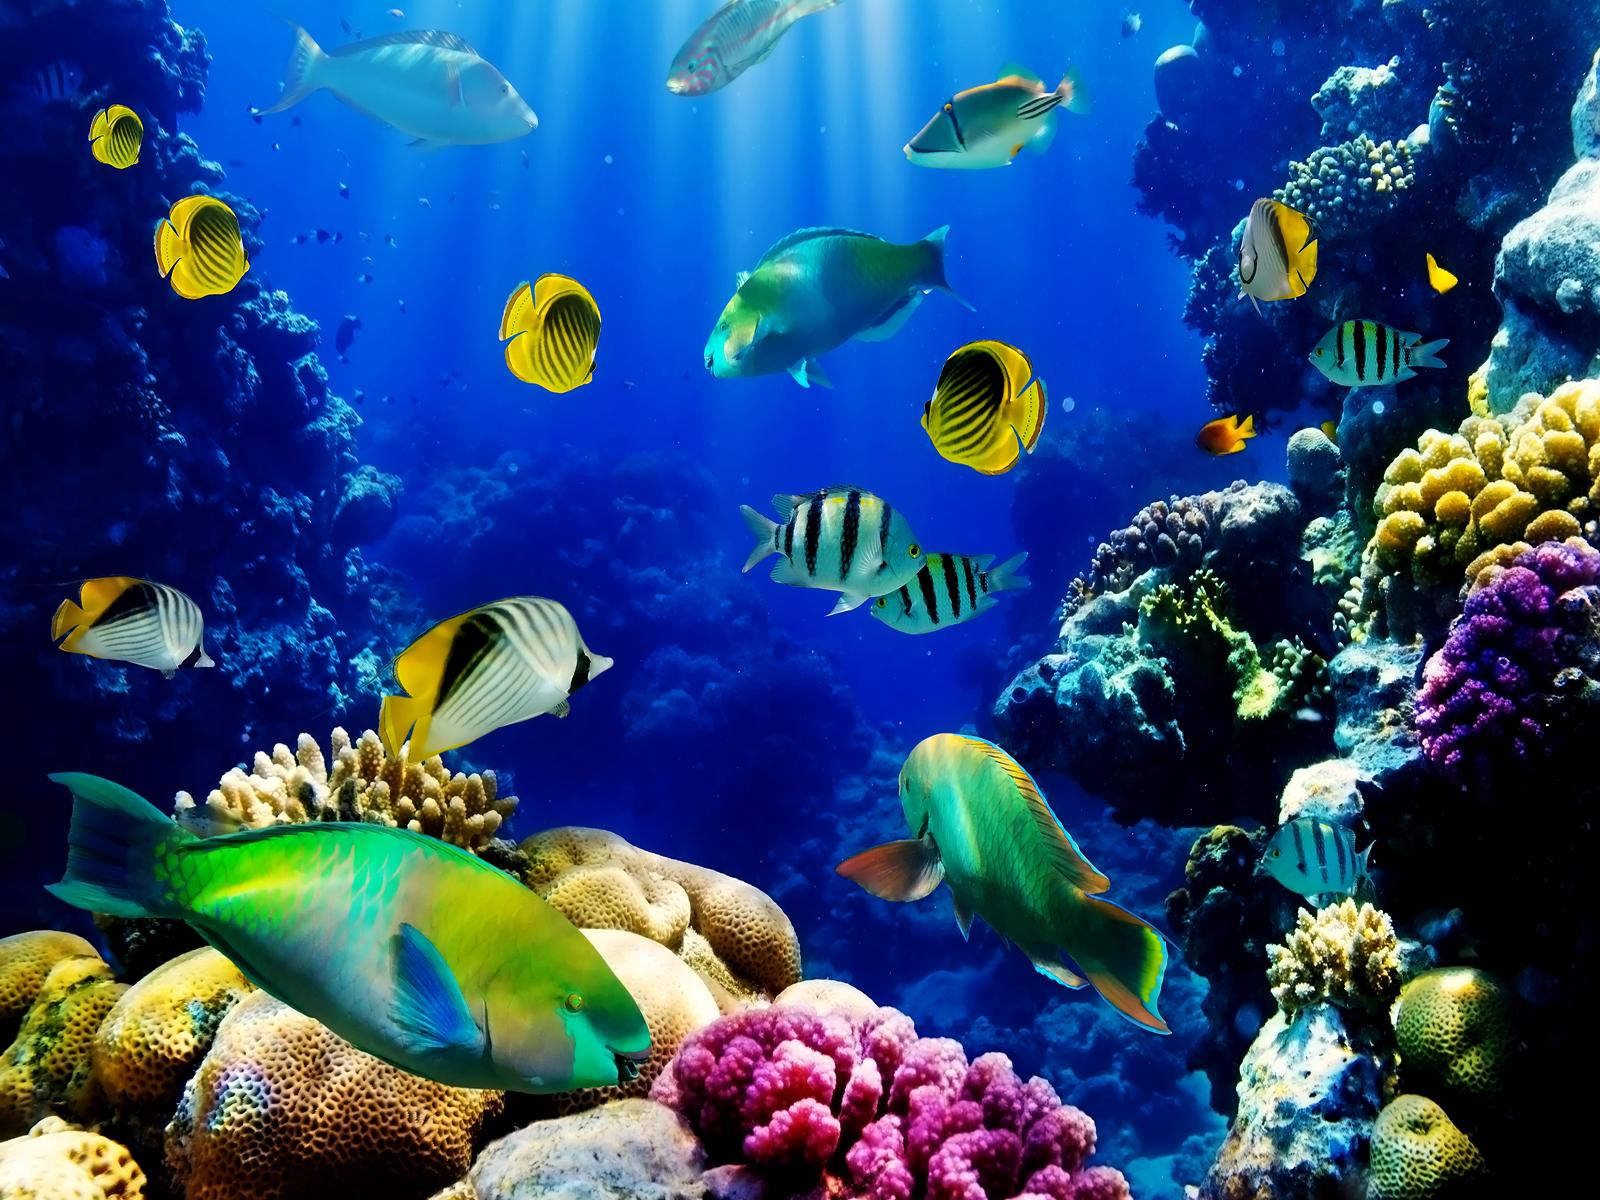 marine aquarium wallpaper wallpapersafari